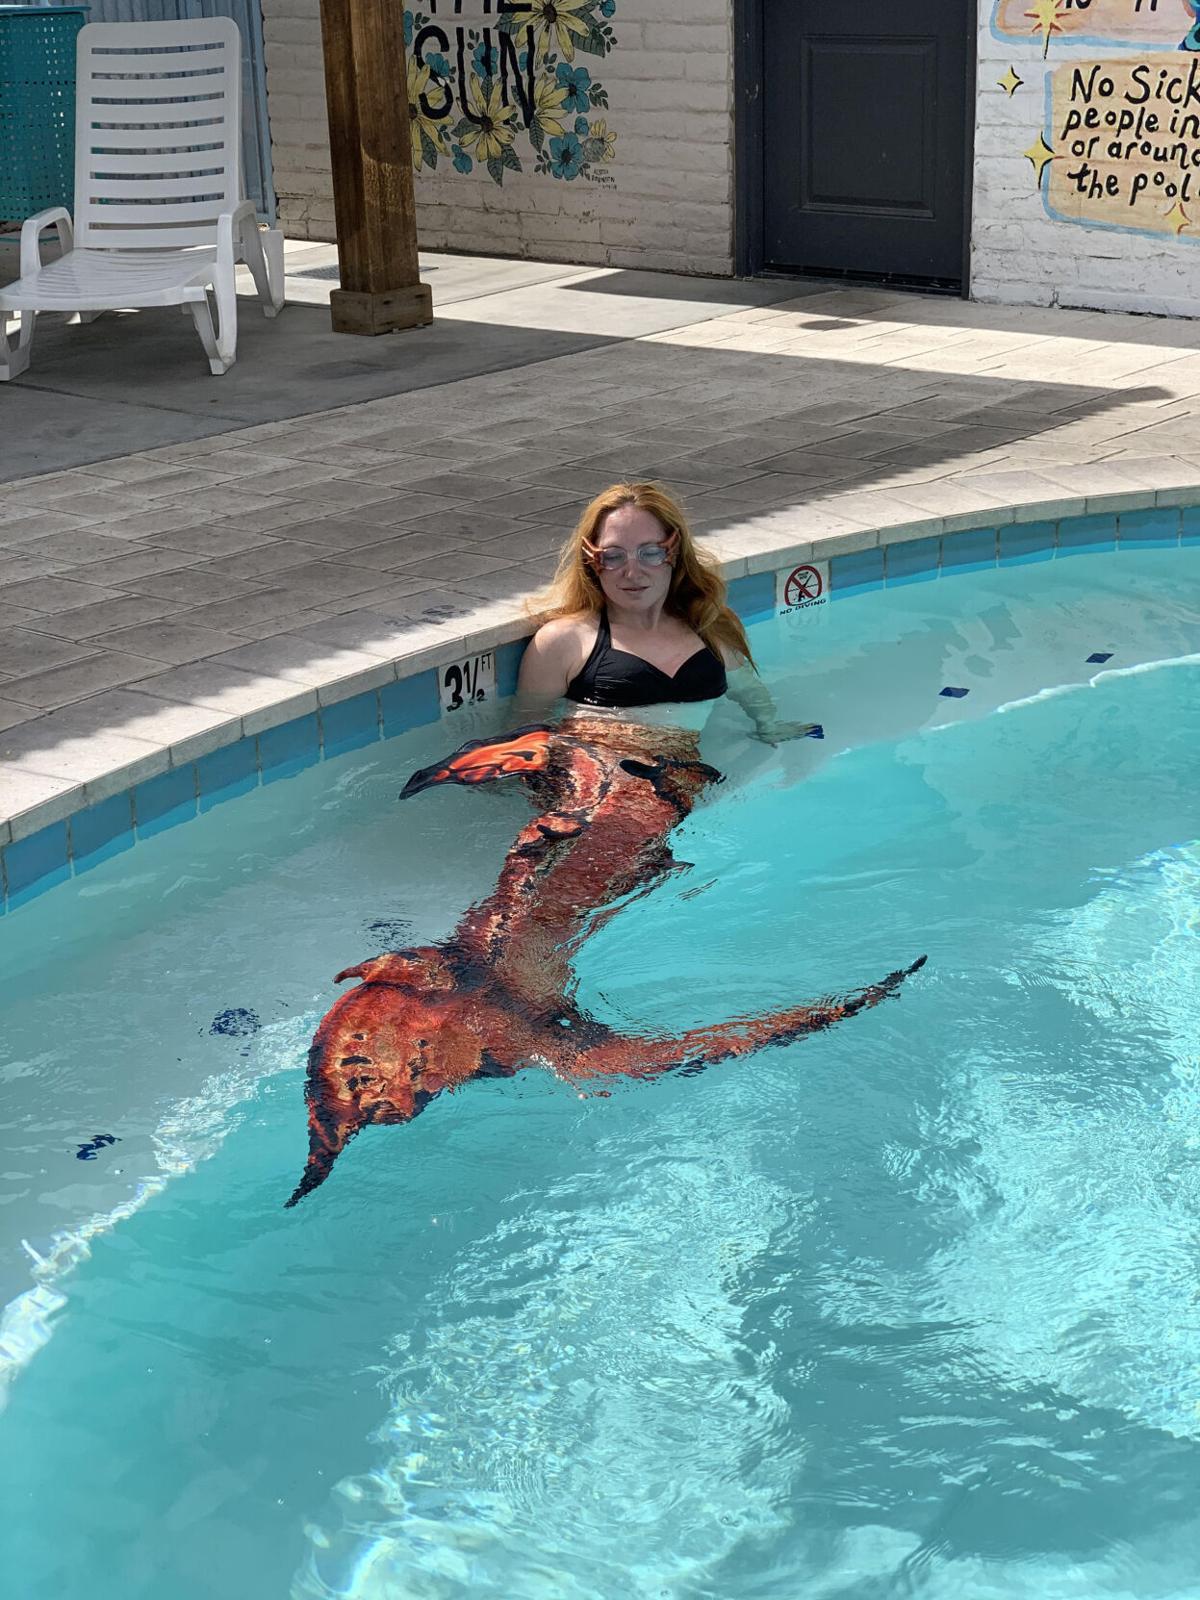 Hotel McCoy Mermaid